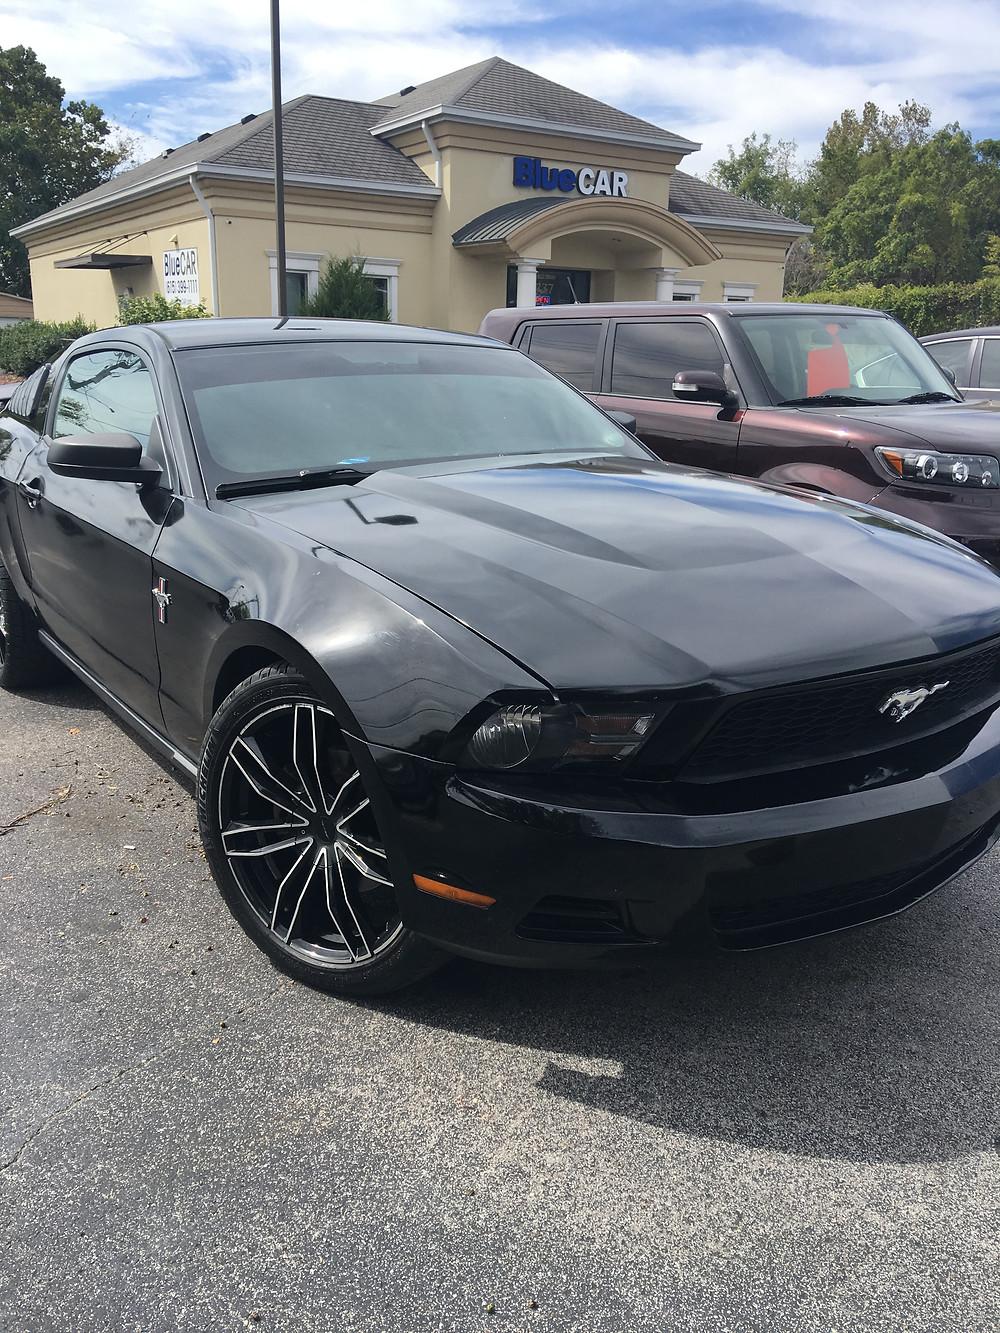 Sleek 2011 Ford Mustang at BlueCAR